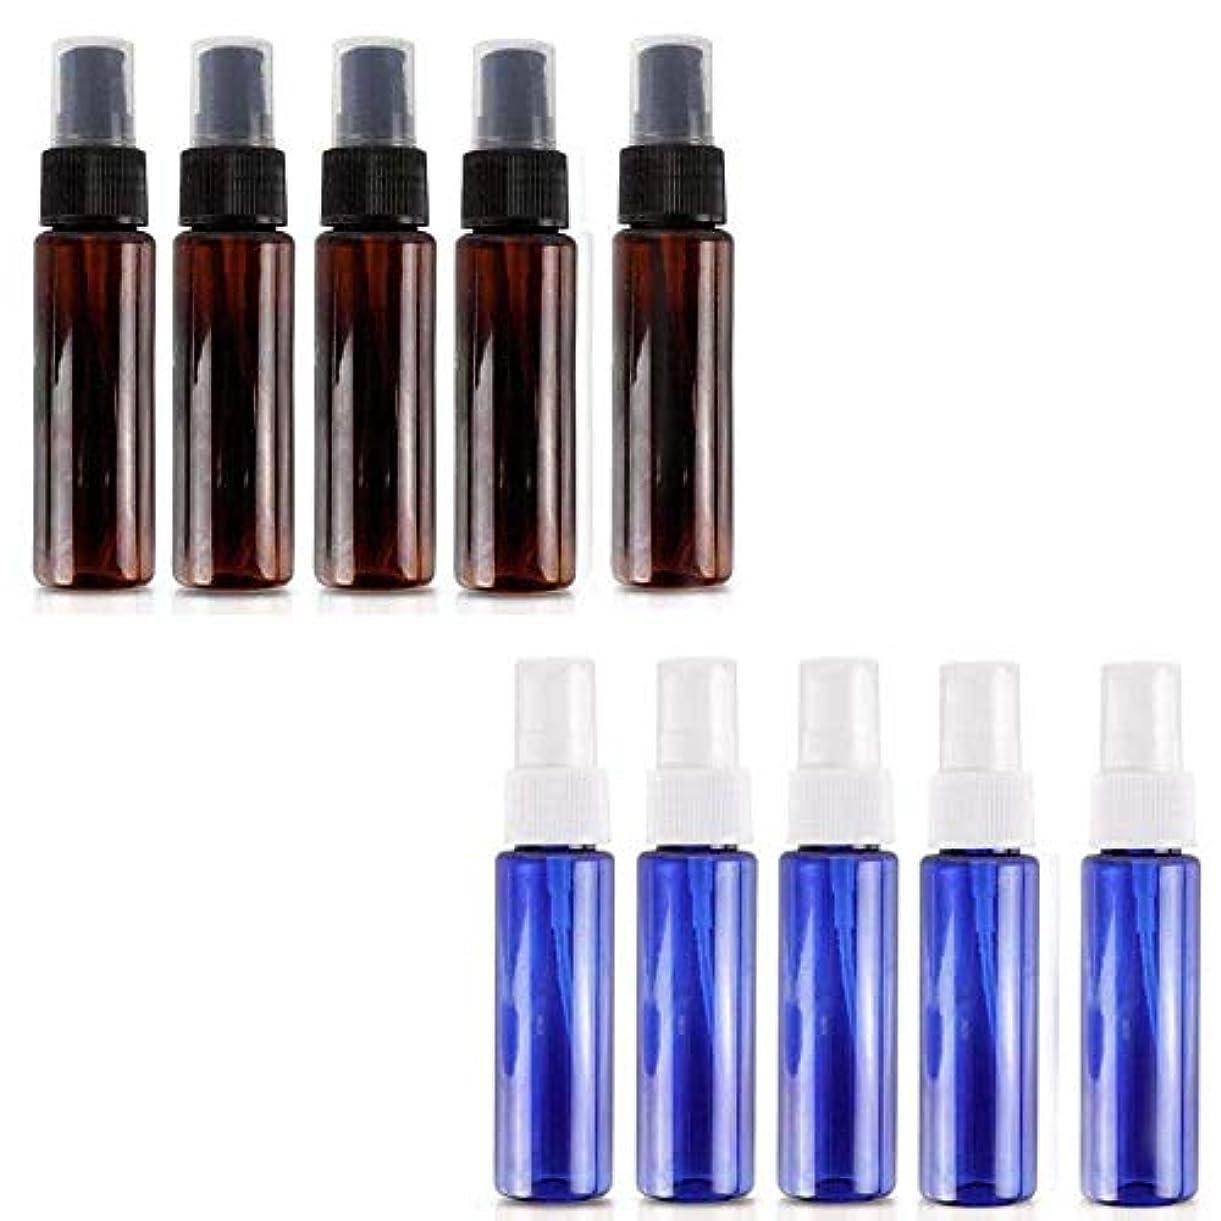 ボクシング接続詞早くhomewineasy スプレー容器 スプレーボトル30ML 遮光瓶スプレー 10本 アロマ虫除けスプレー プラスチック製 (タイプ1)